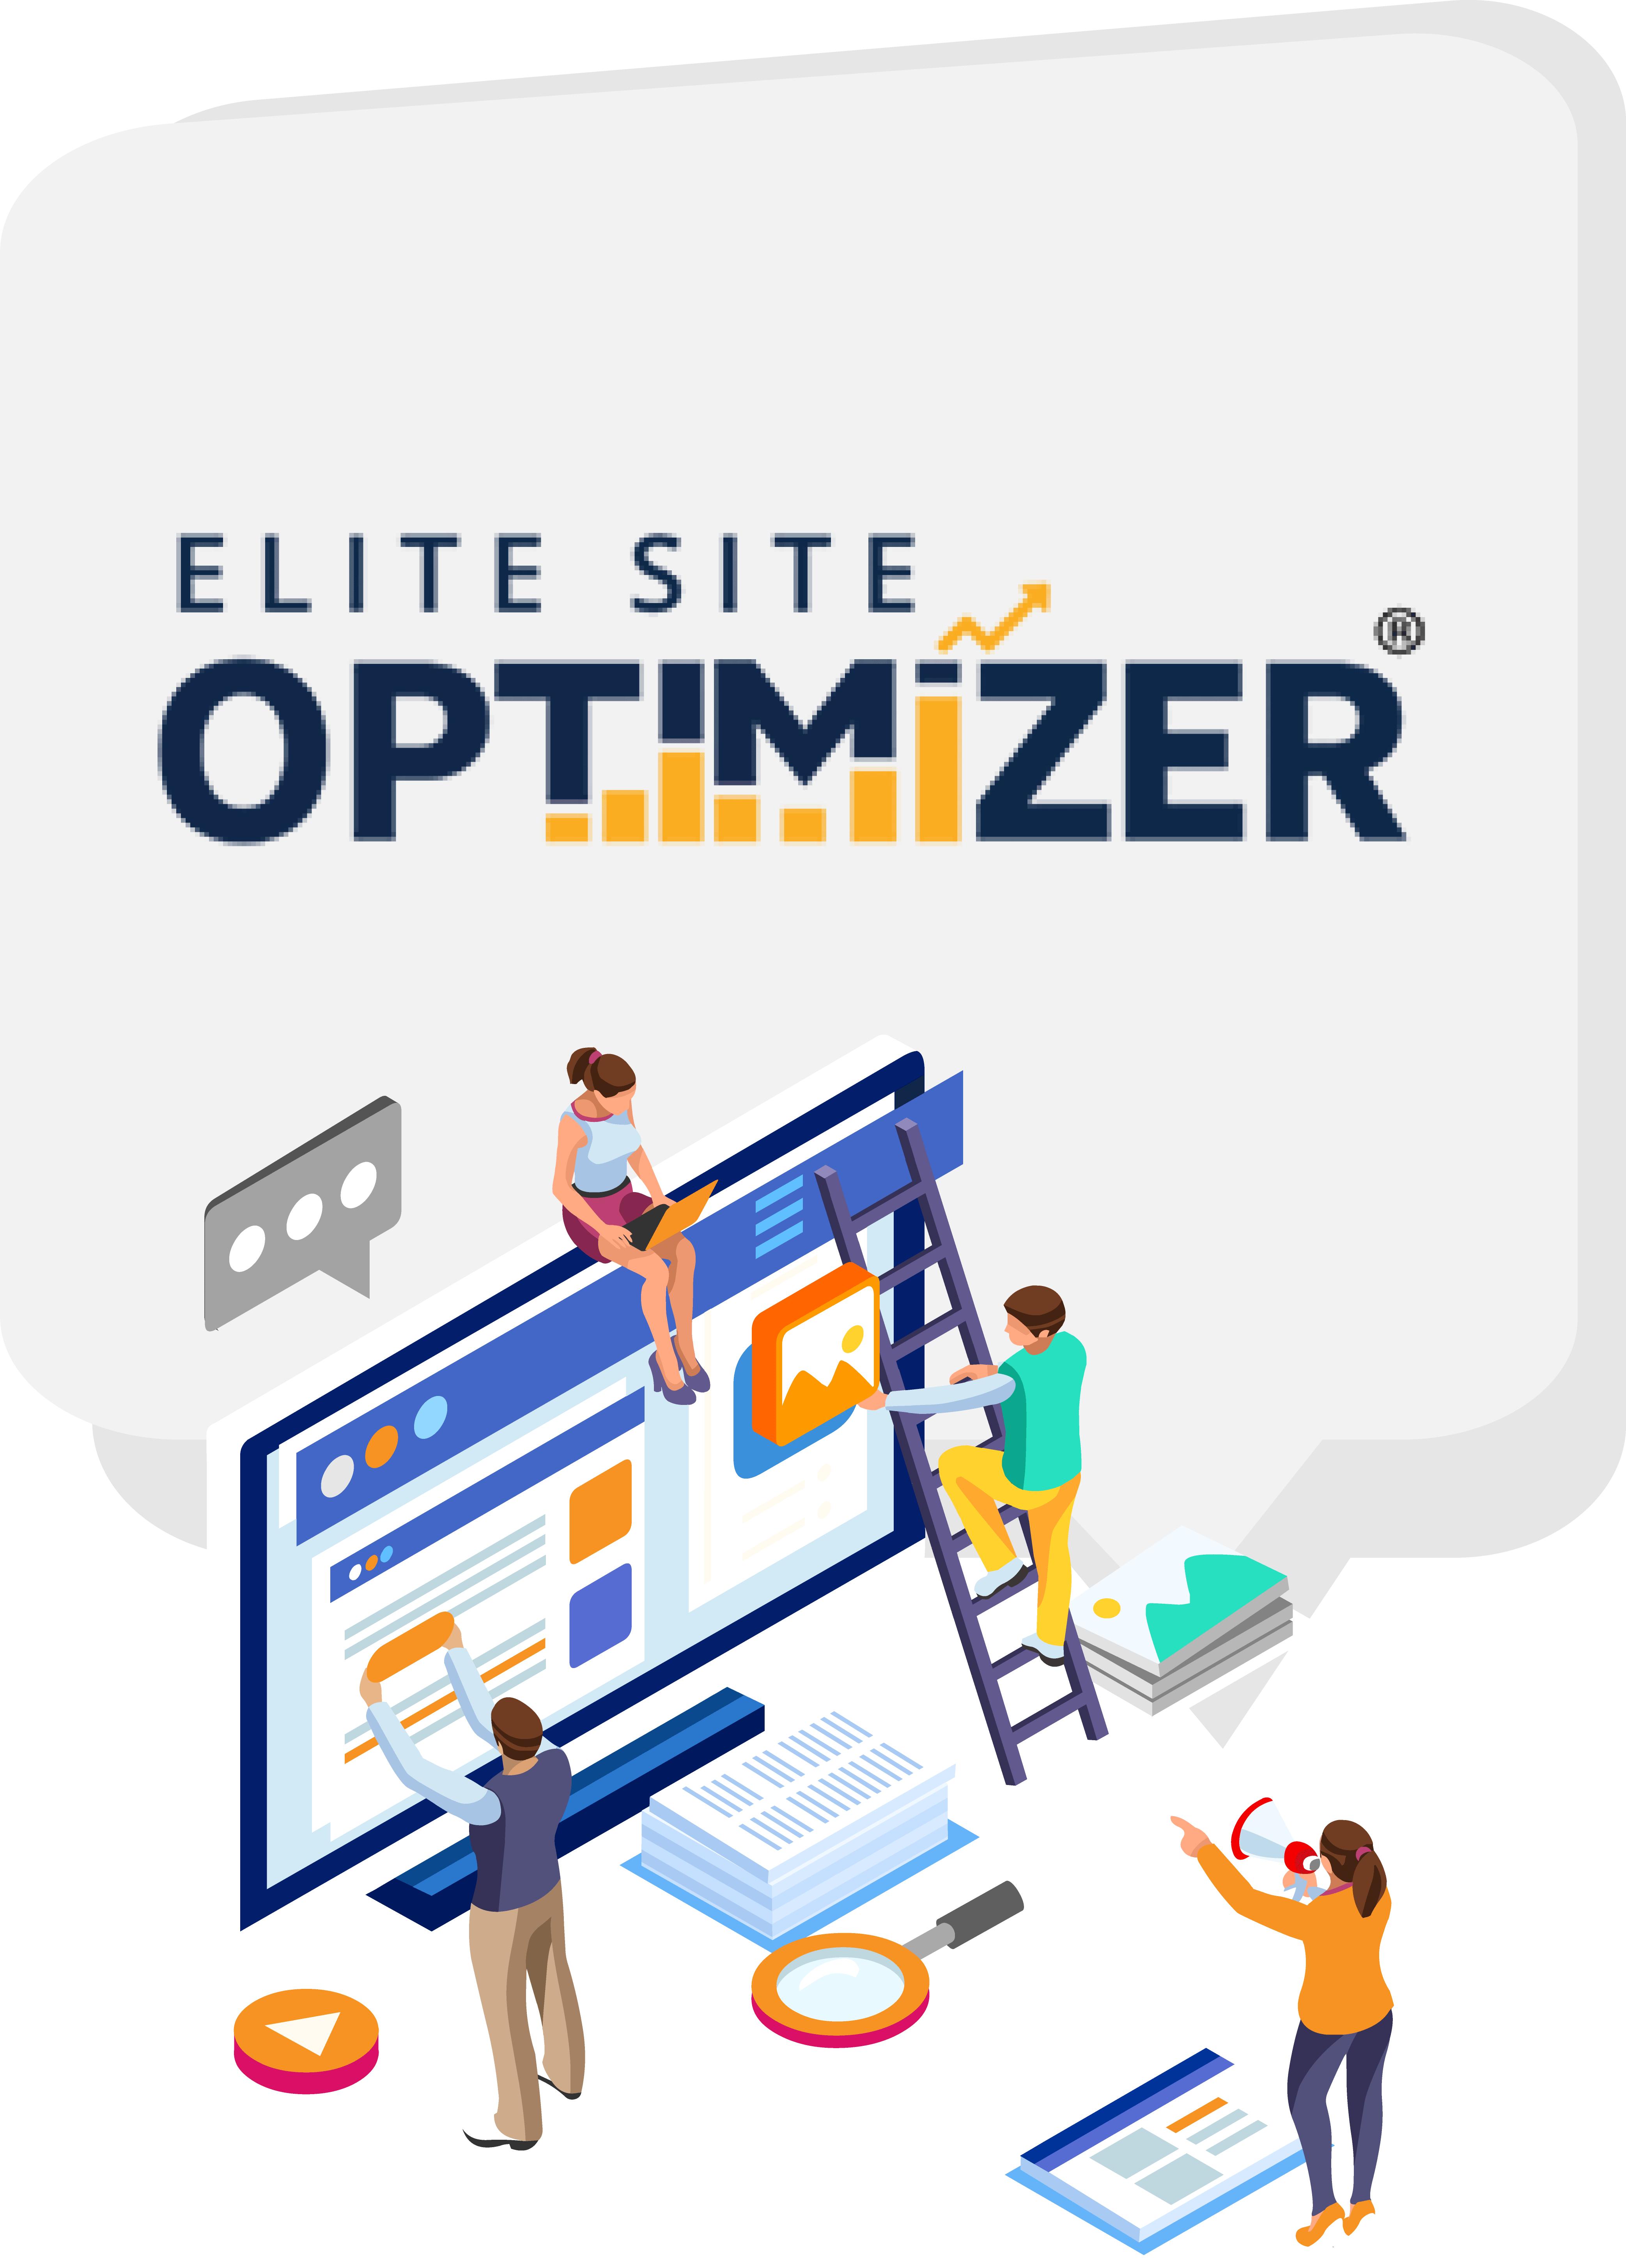 elitesiteoptimizer